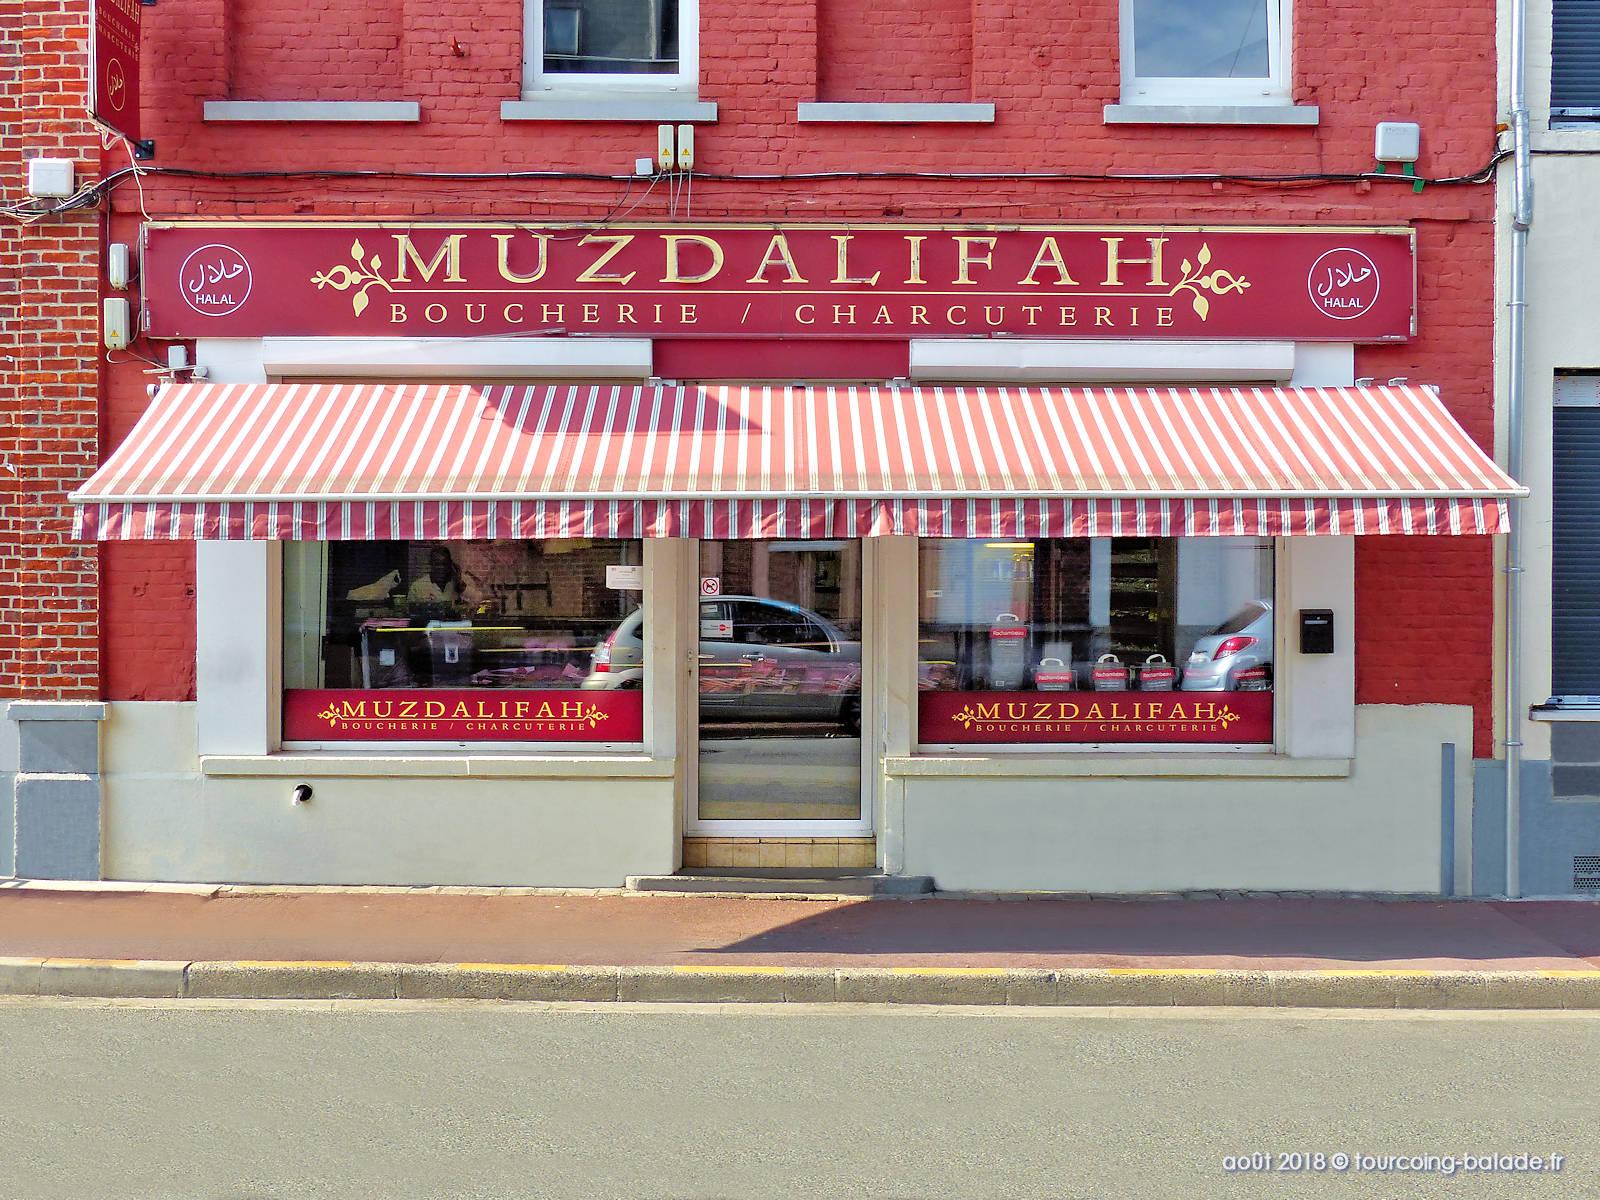 Boucherie Muzdalifah, Tourcoing Croix-Rouge